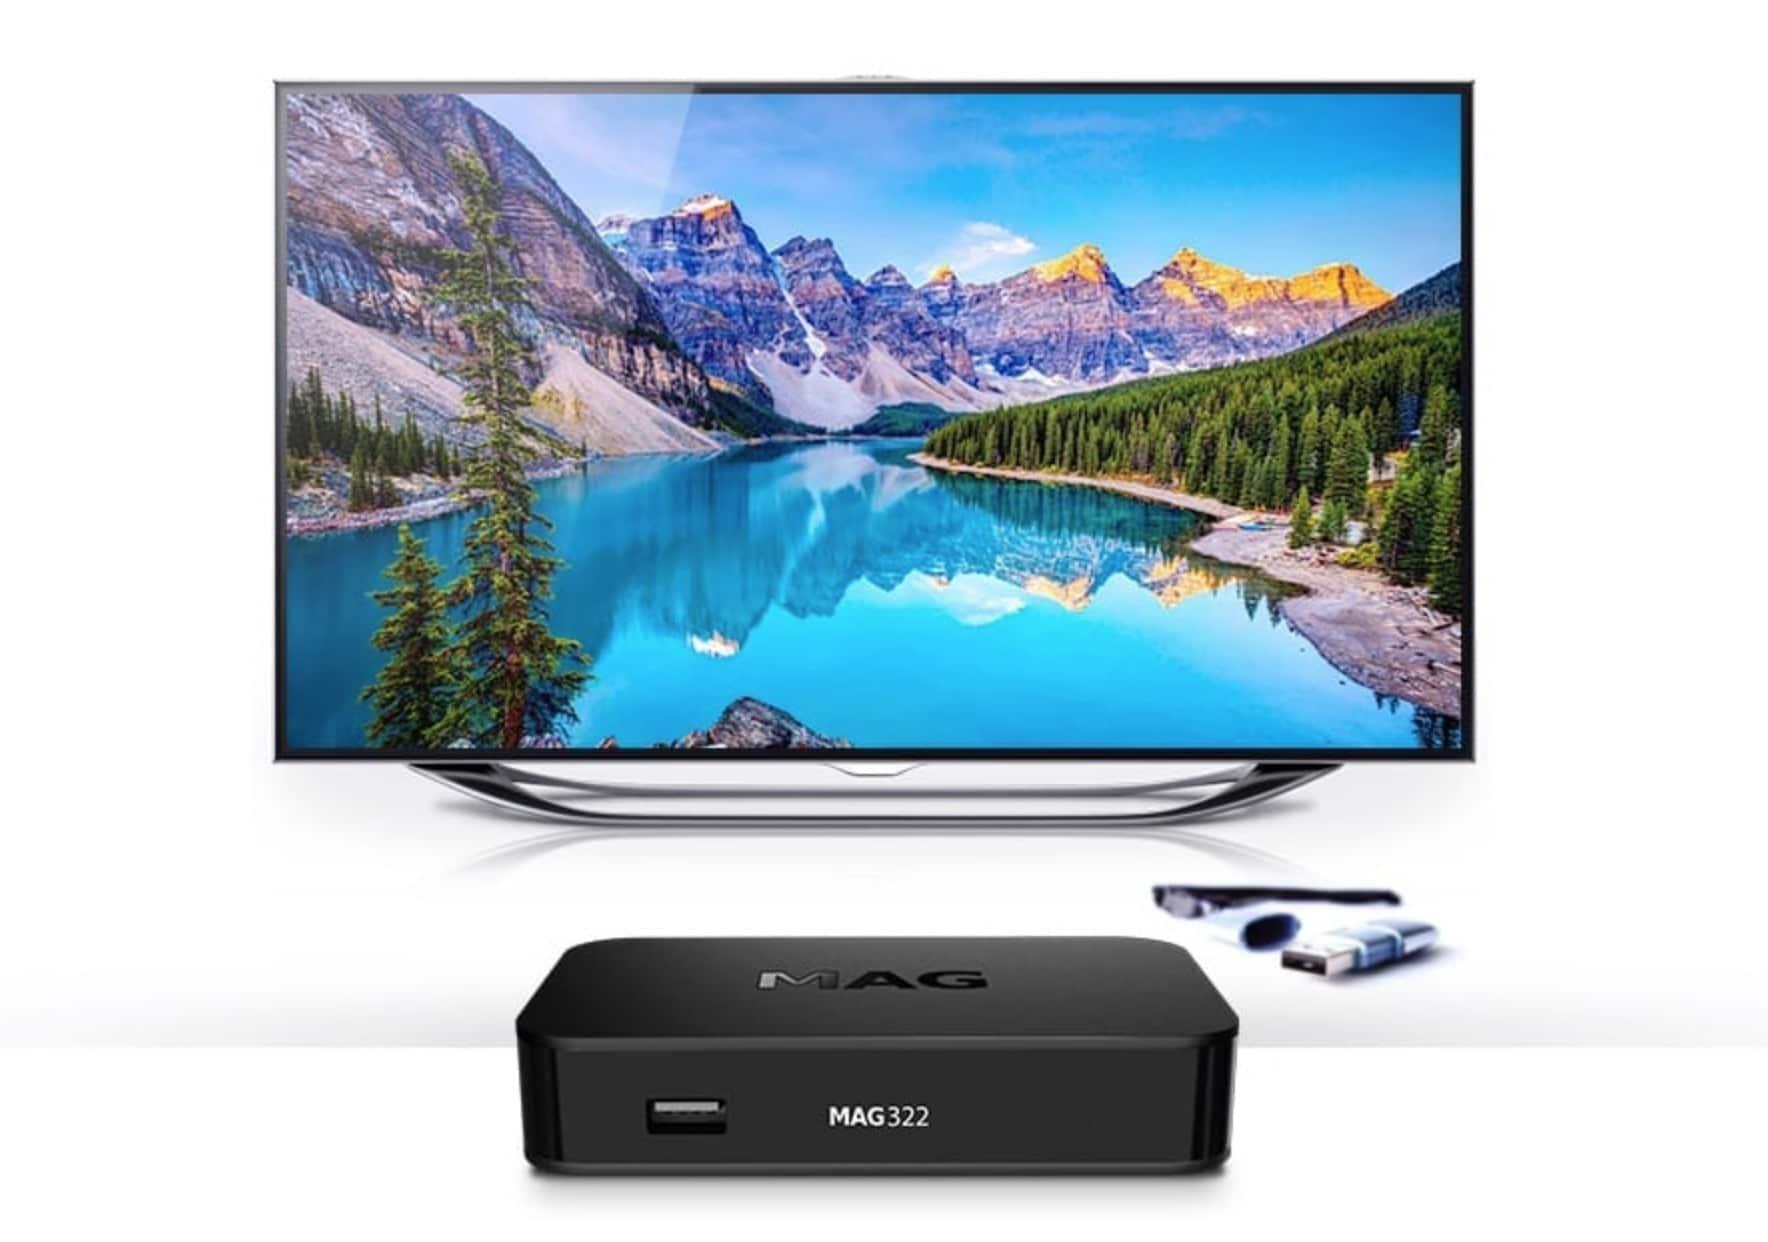 Mag322 TV